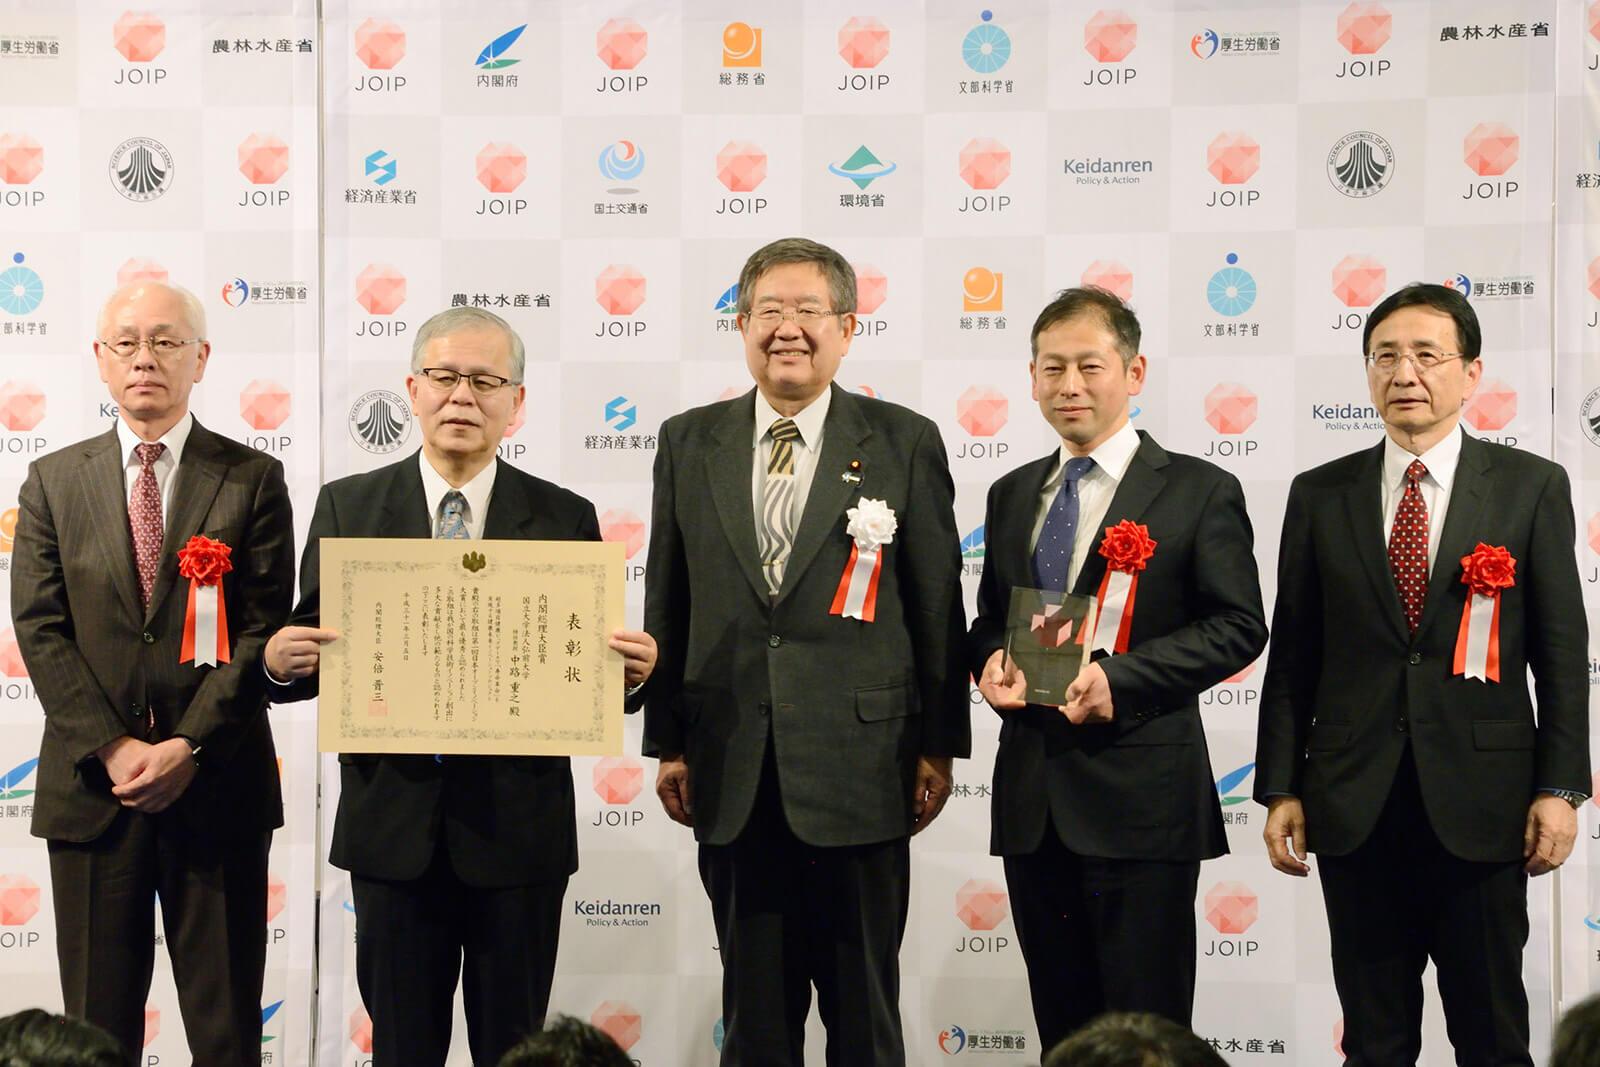 第1回 日本オープンイノベーション大賞 表彰式